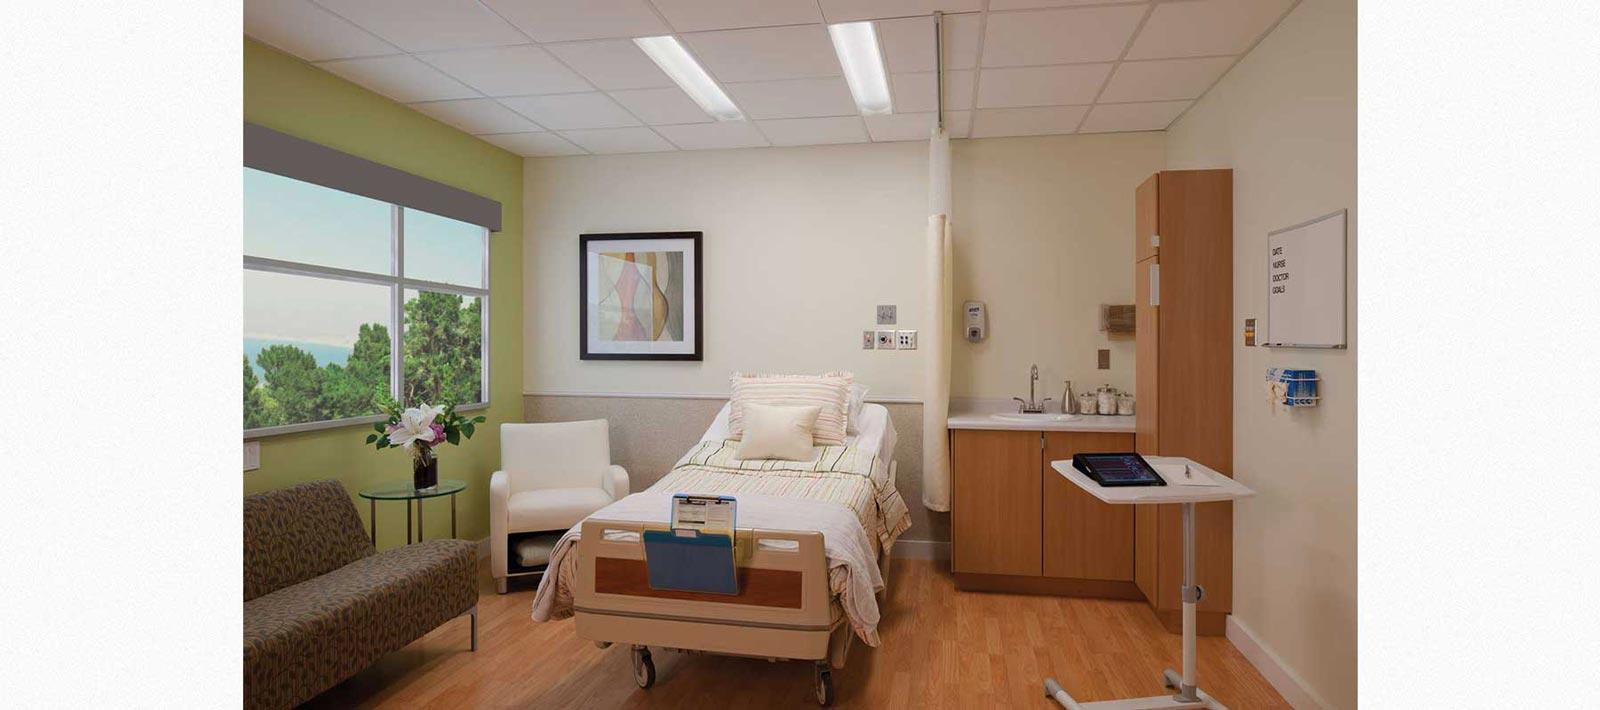 FMA8_patientroom_02